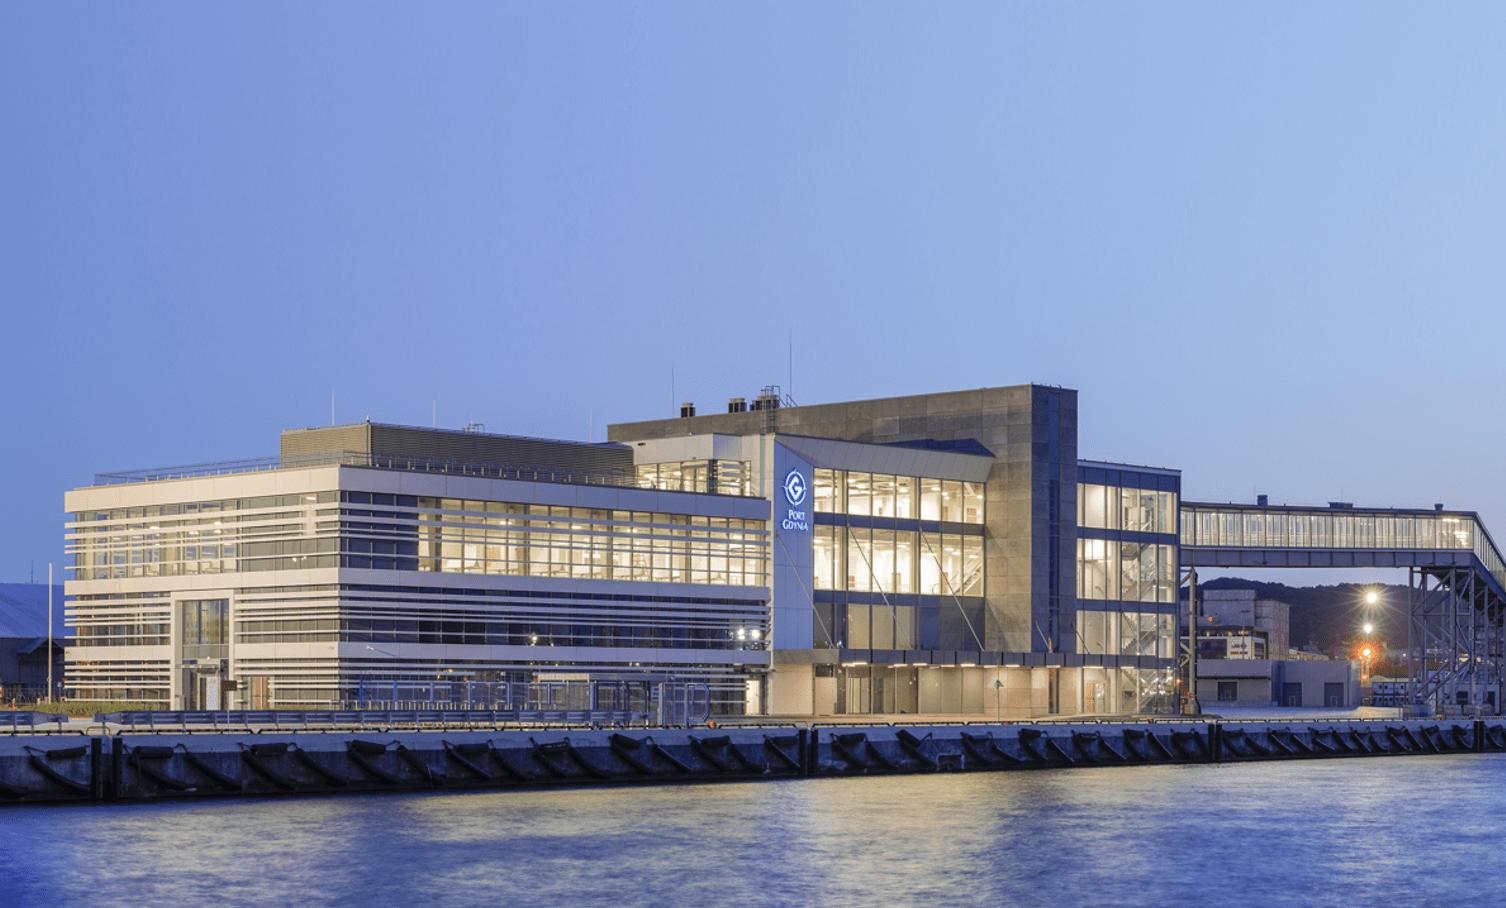 Zakończenie budowy nowego Publicznego Terminalu Promowego na 99 urodziny Portu Gdynia